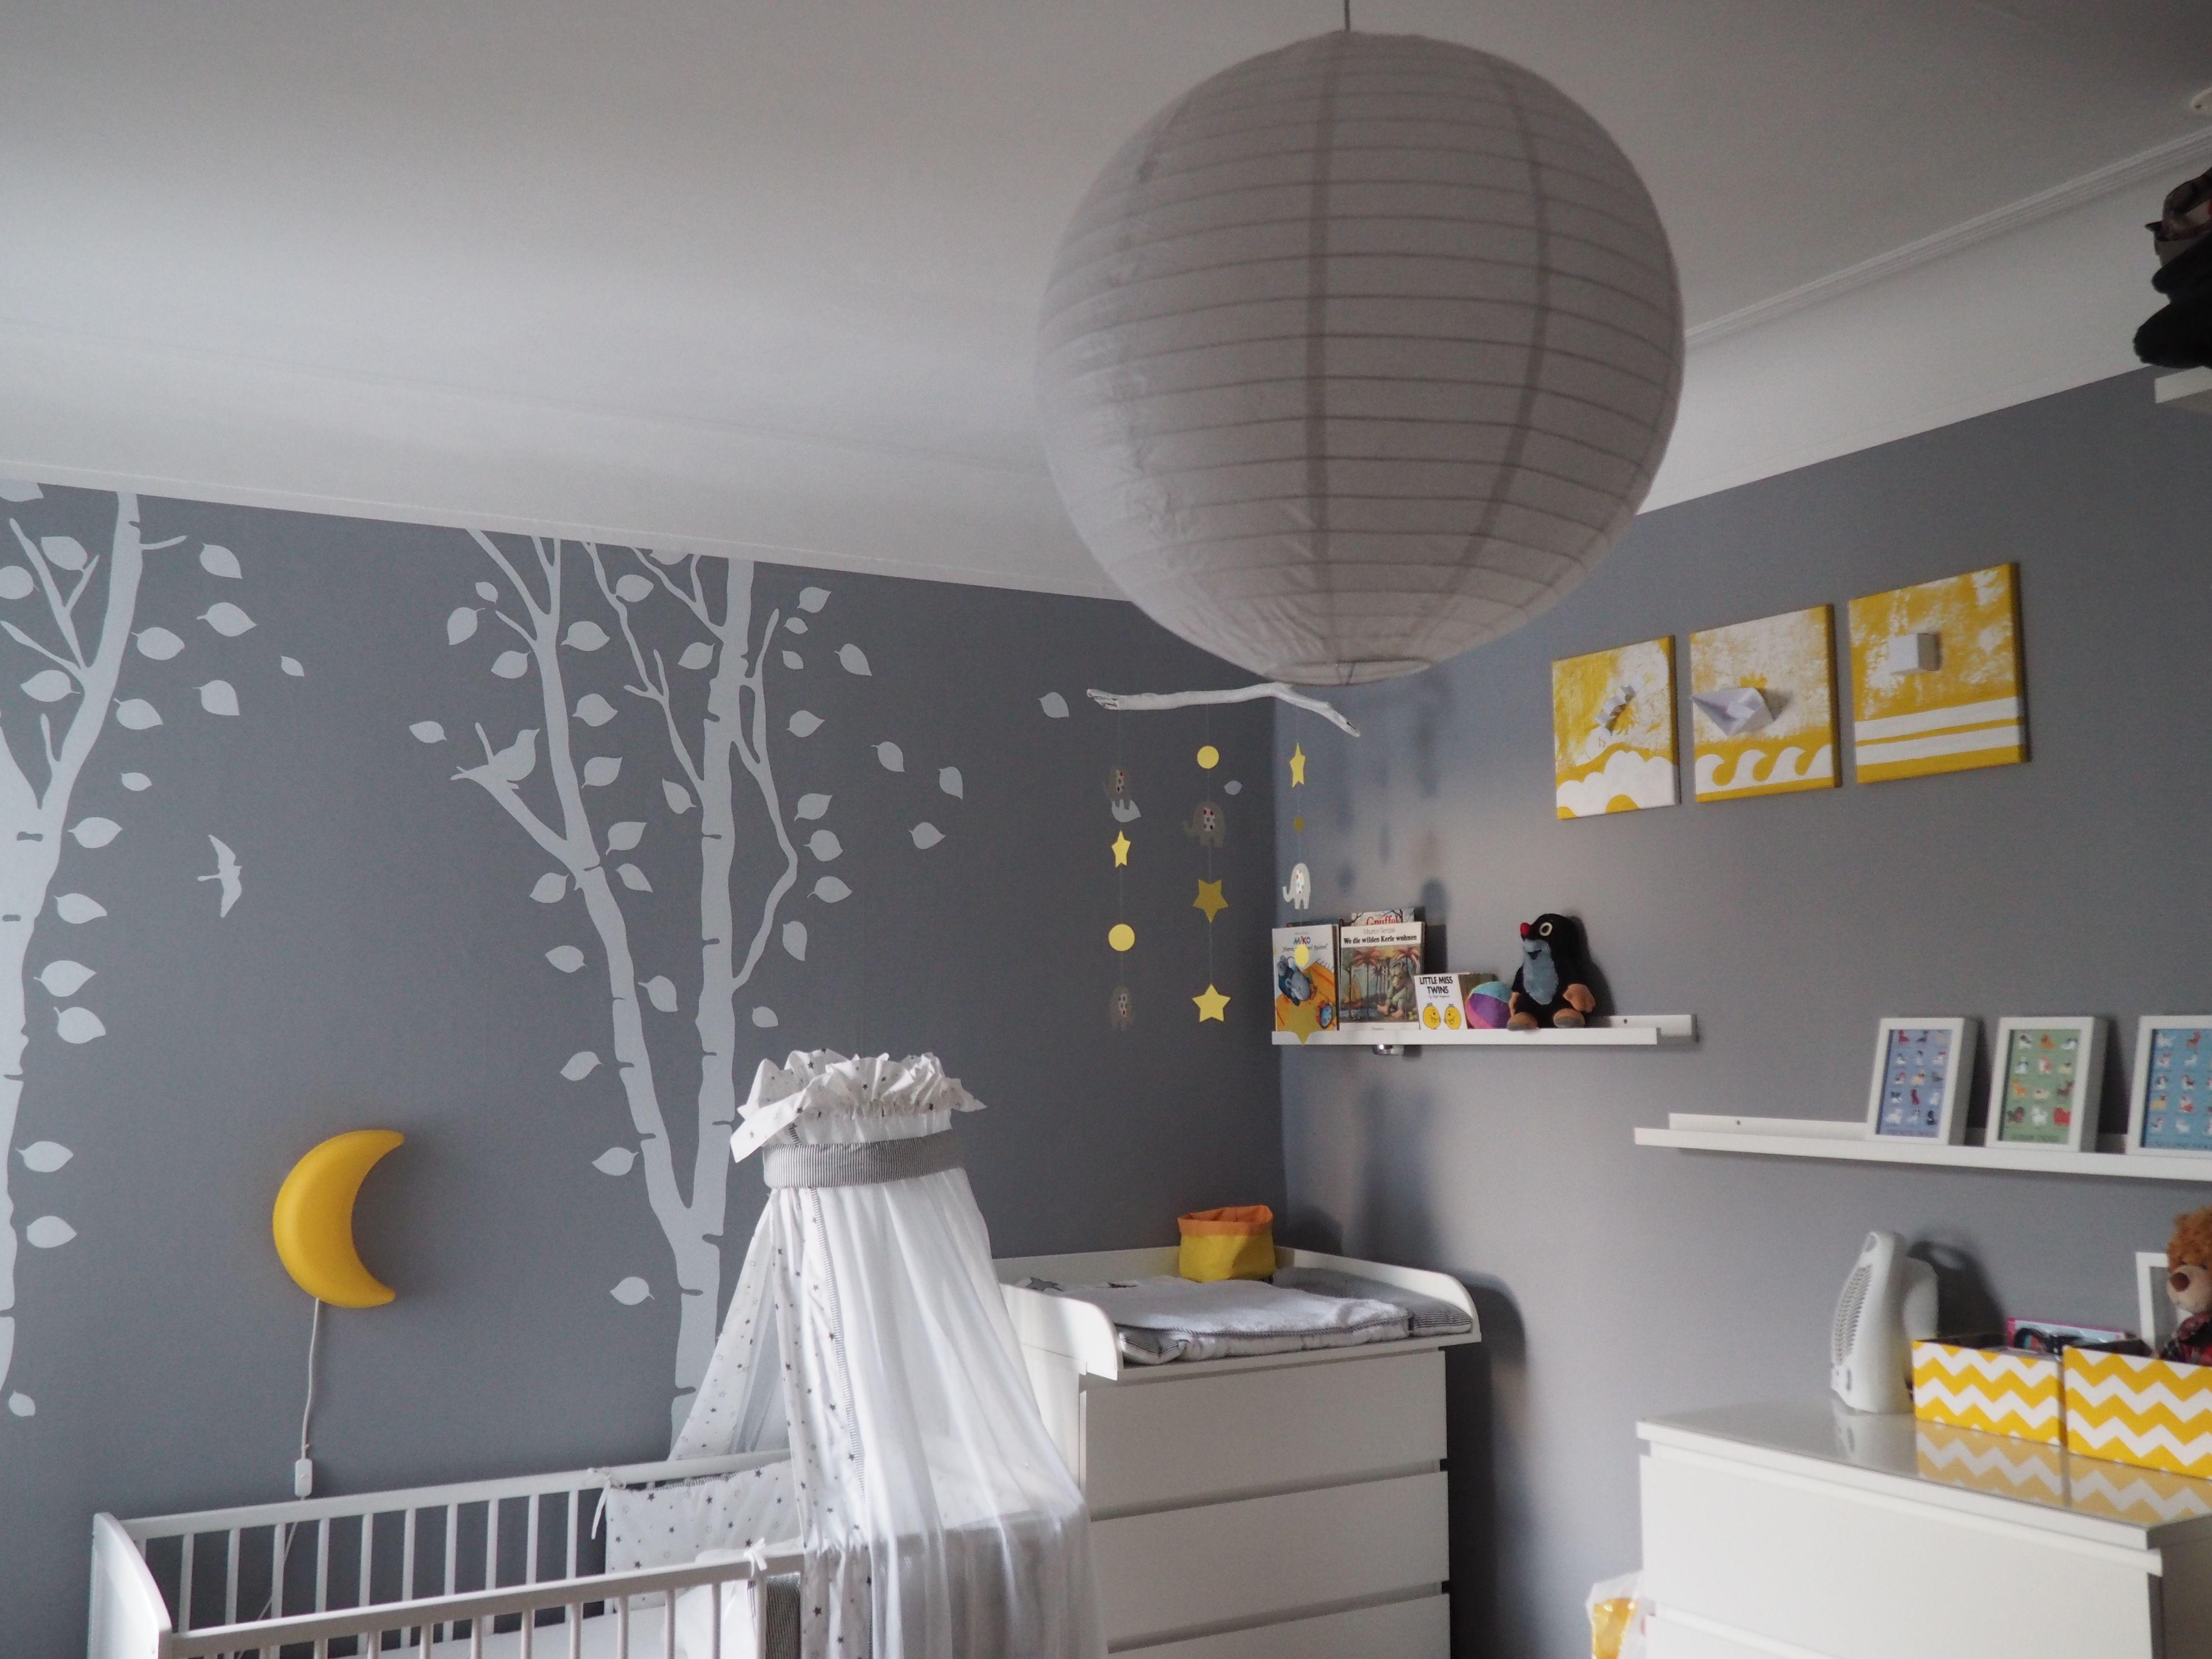 Fantastisch Babyzimmer Für Jungen Und Mädchen. Bett Von Schardt, Sonstige Möbel IKEA